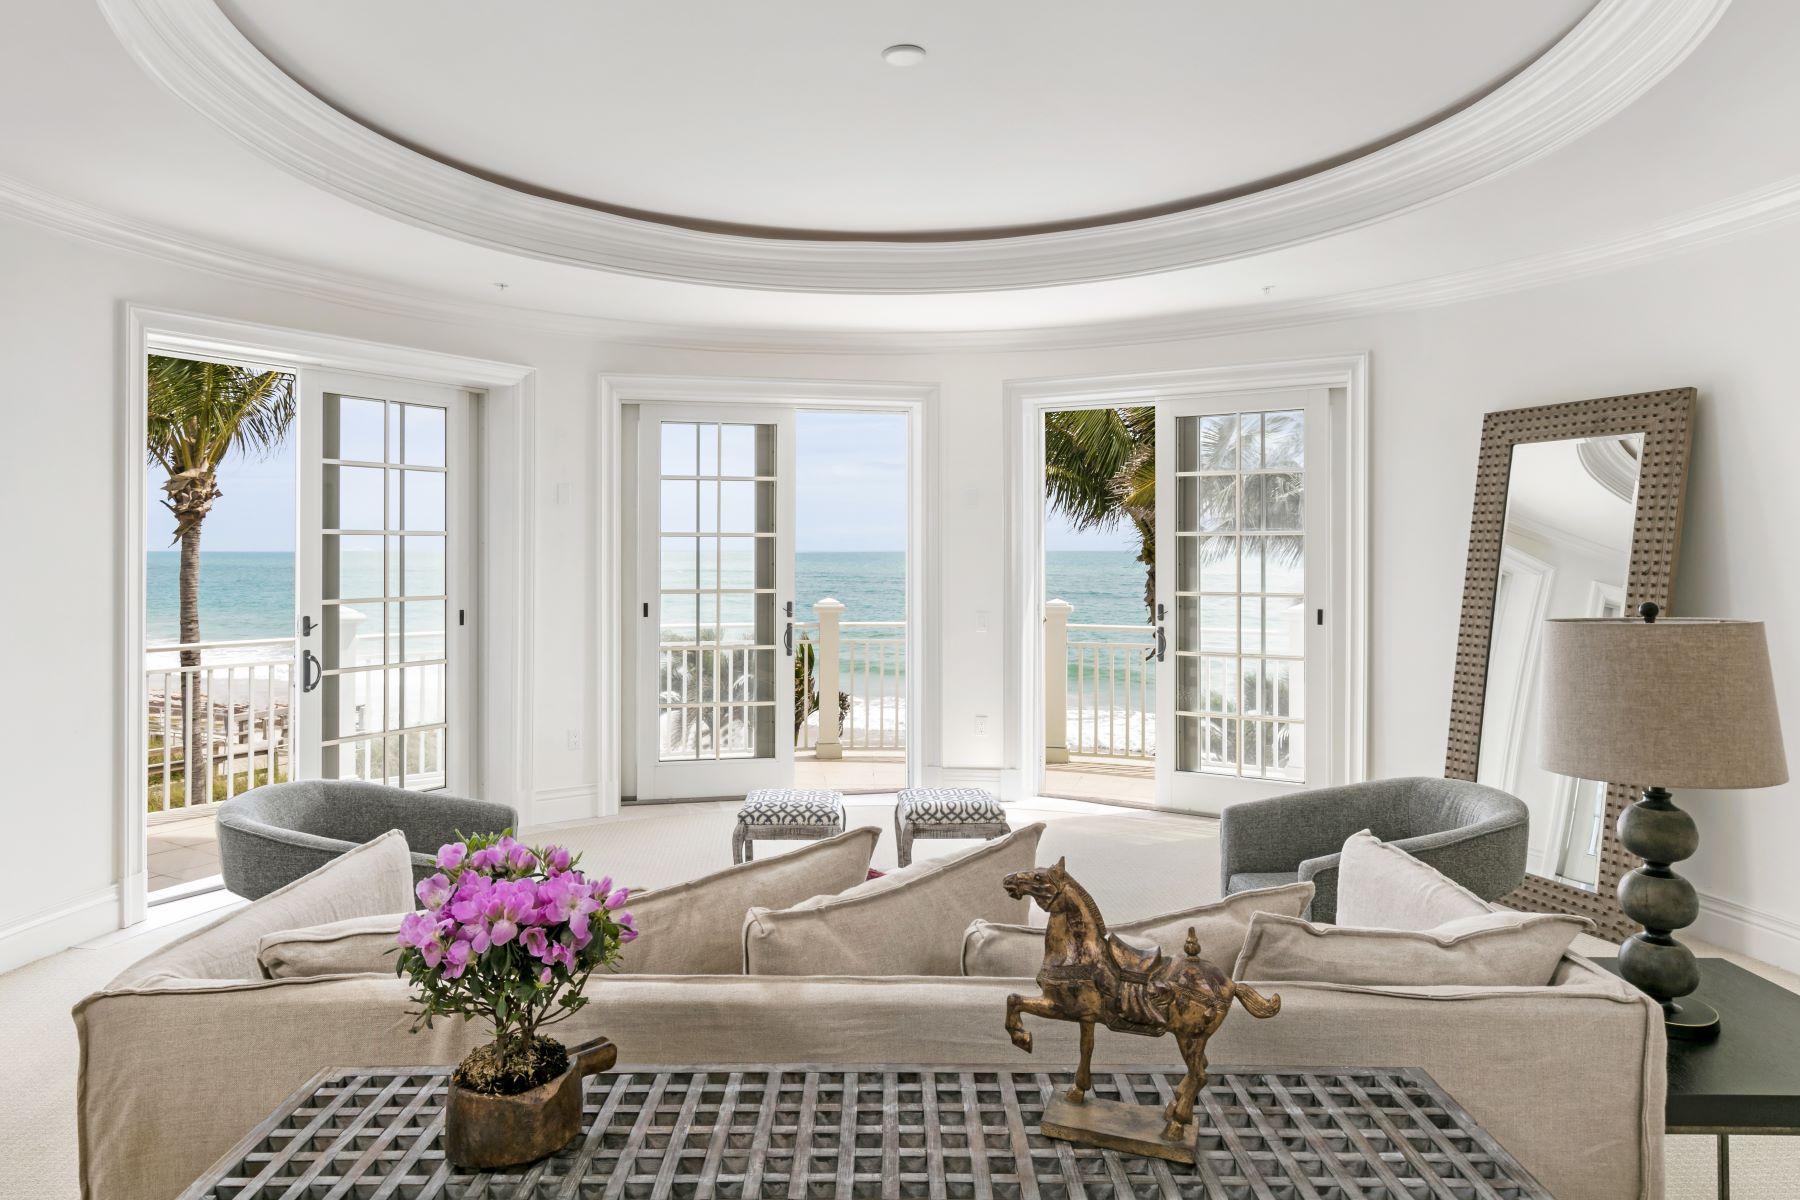 Property для того Продажа на 1010 Easter Lily Lane 204 Vero Beach, Флорида 32963 Соединенные Штаты